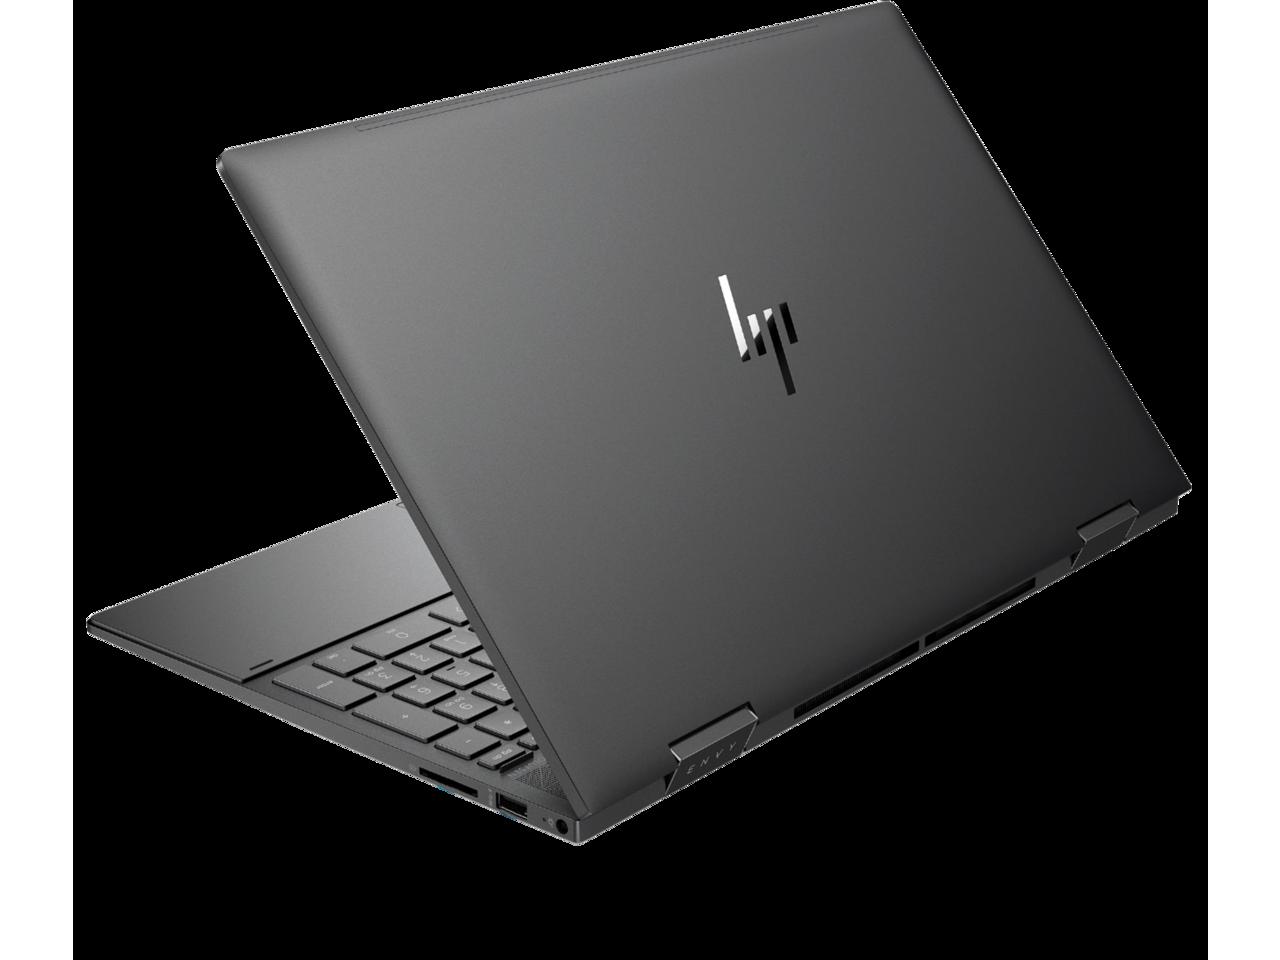 HP ENVY x360 15z-ee000